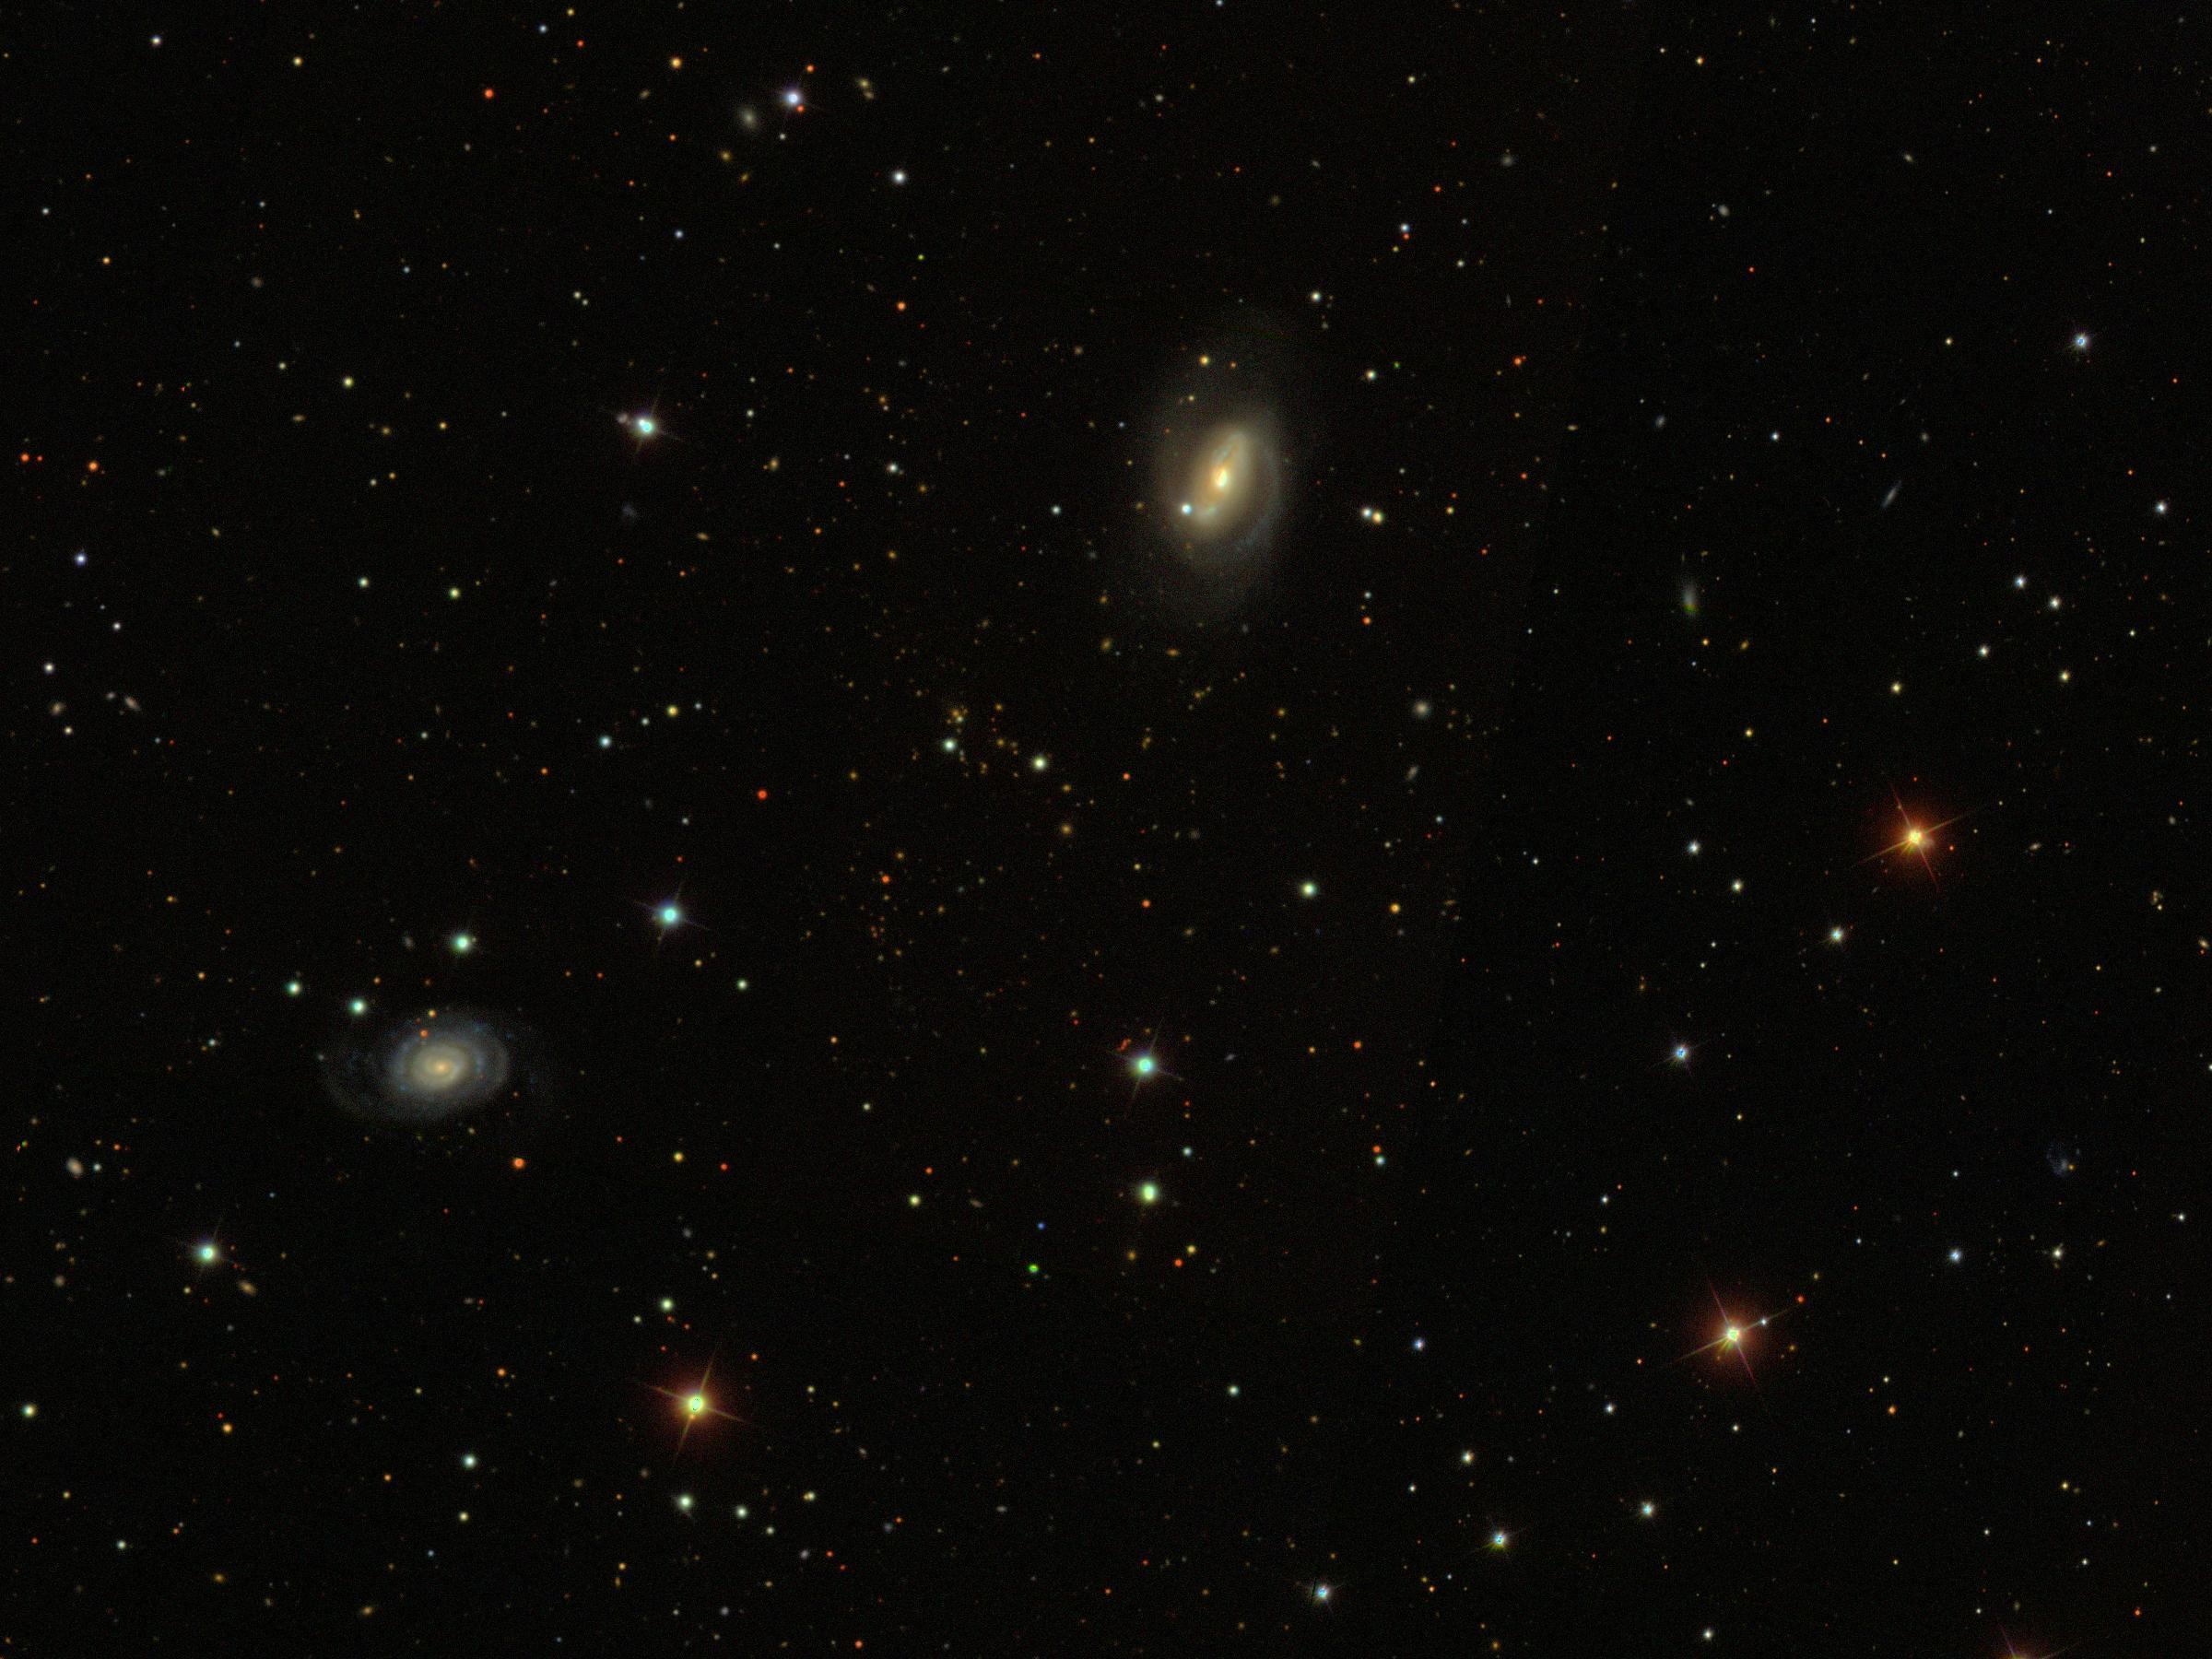 NGC 23